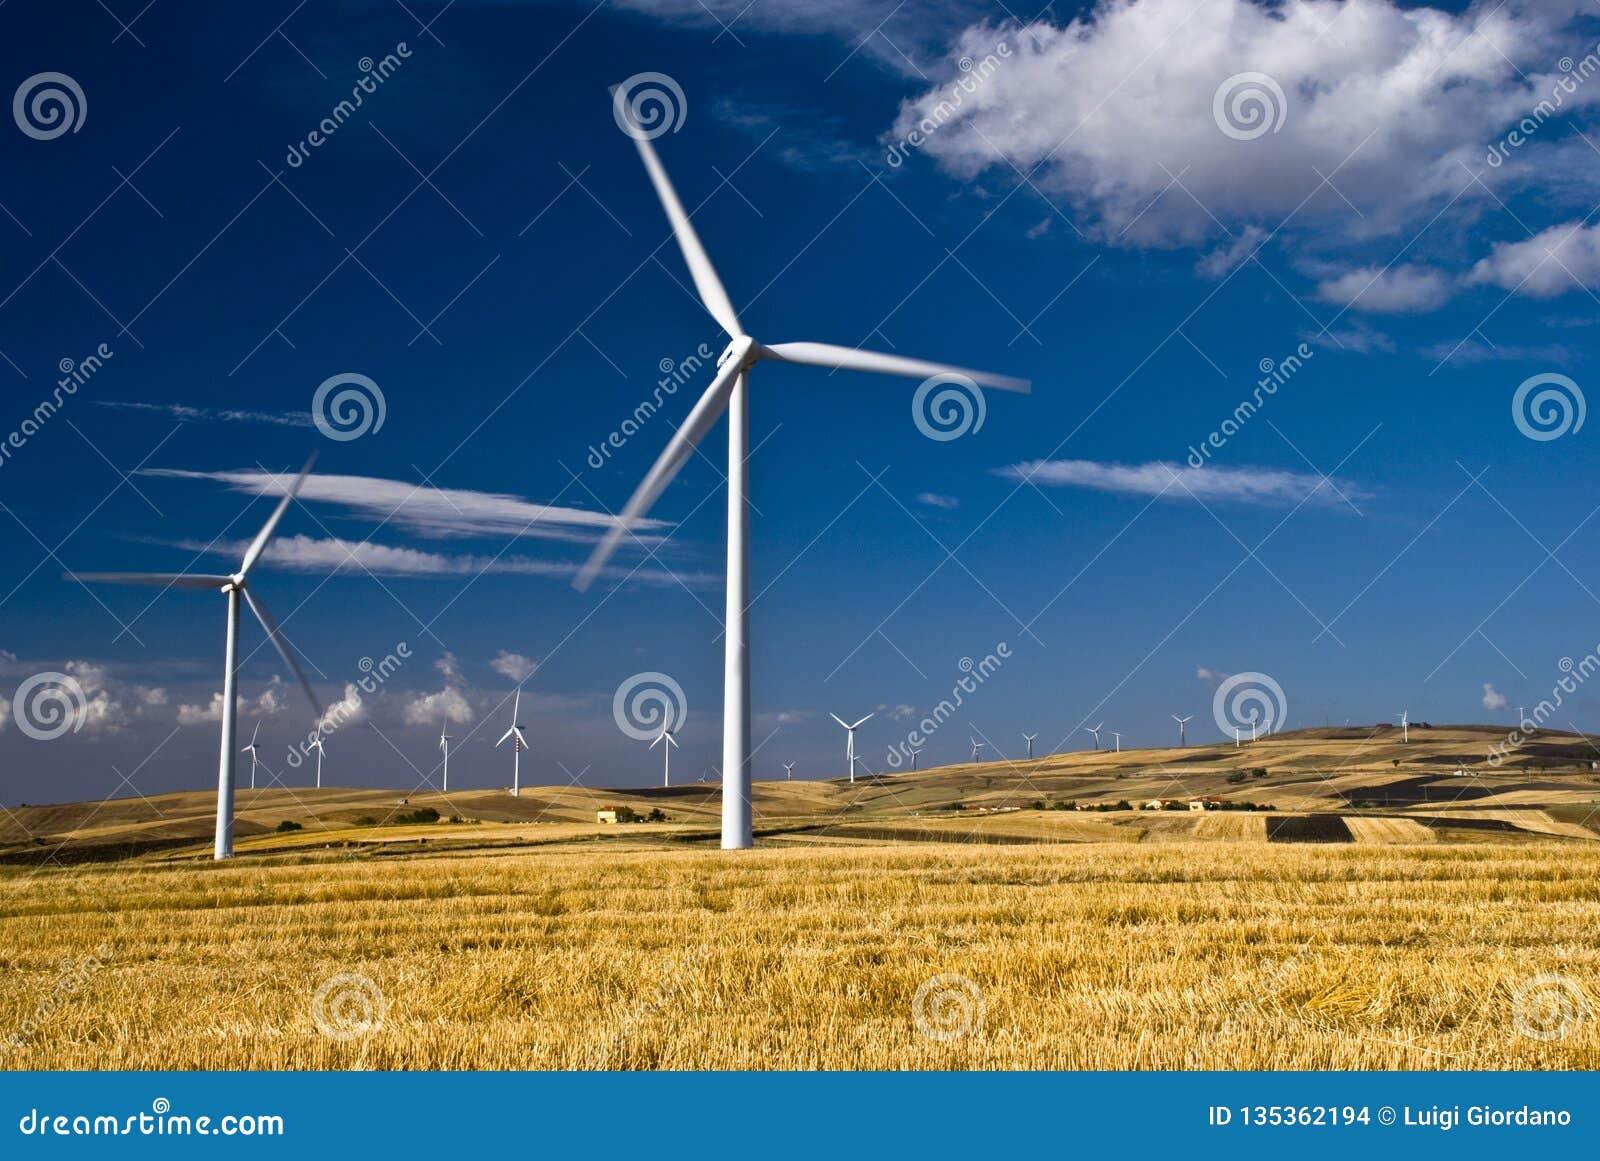 Energía renovable y desarrollo sostenible